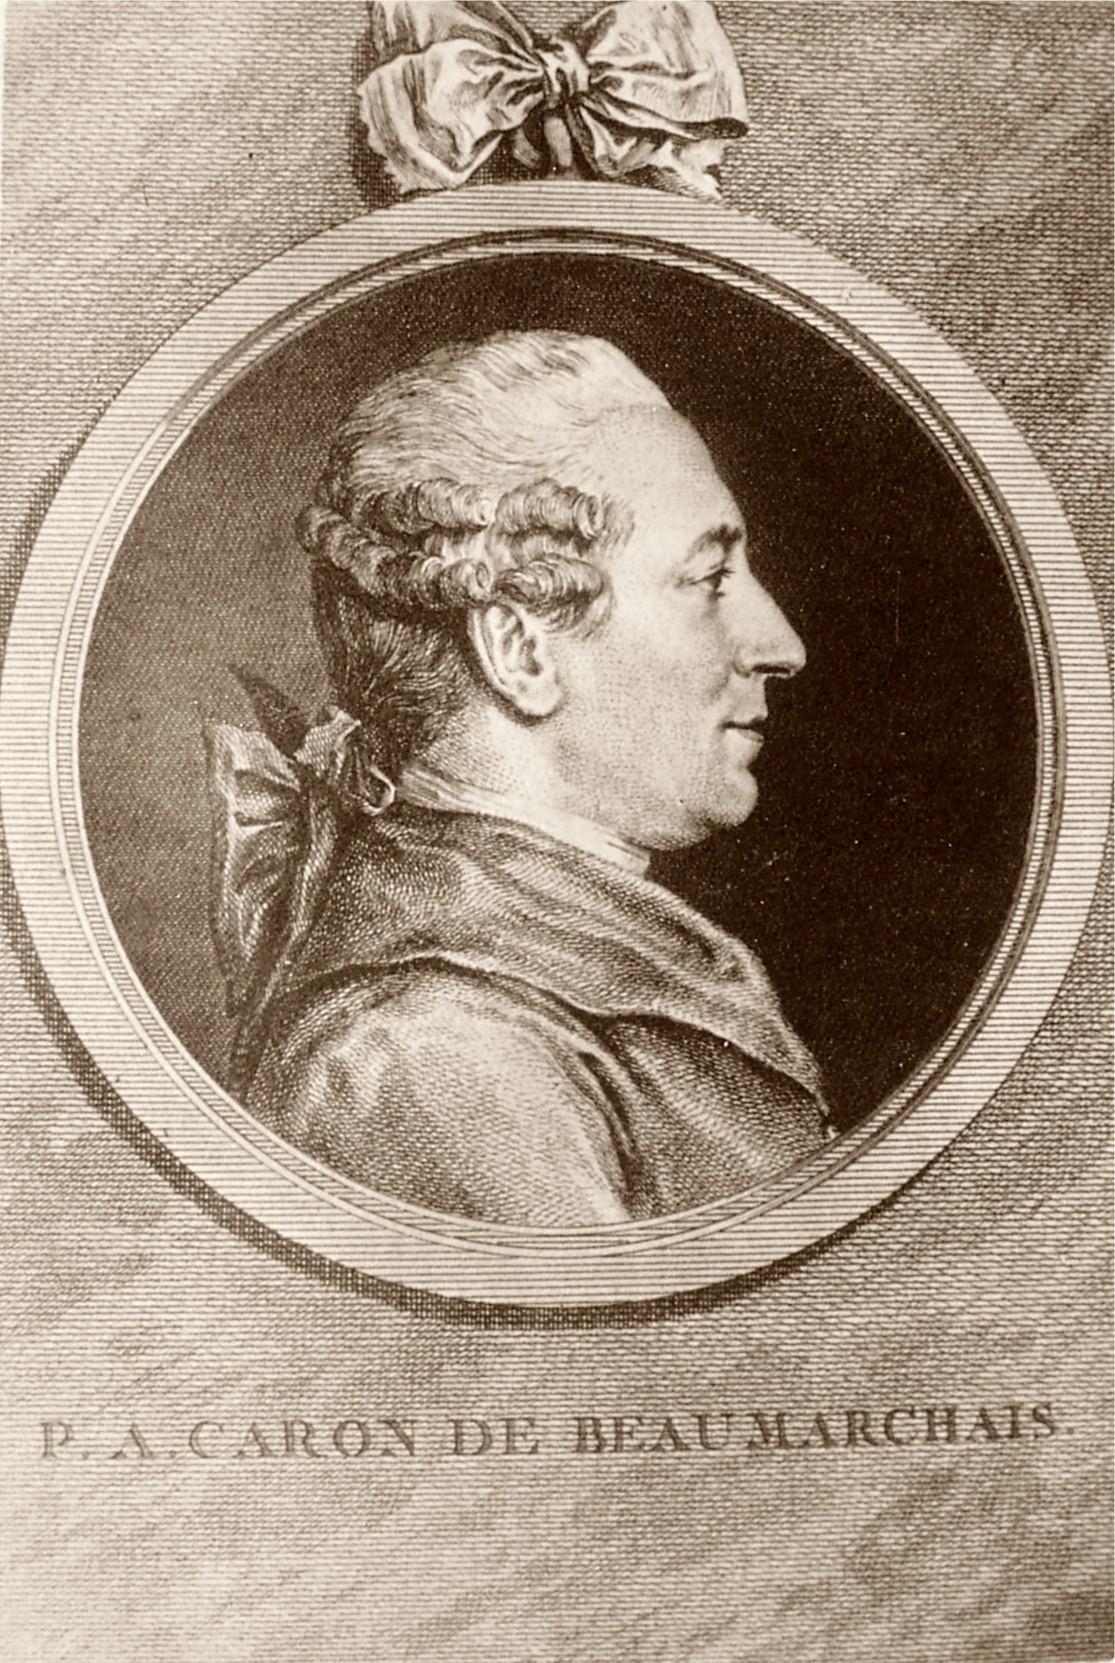 Ritratto di Beaumarchais